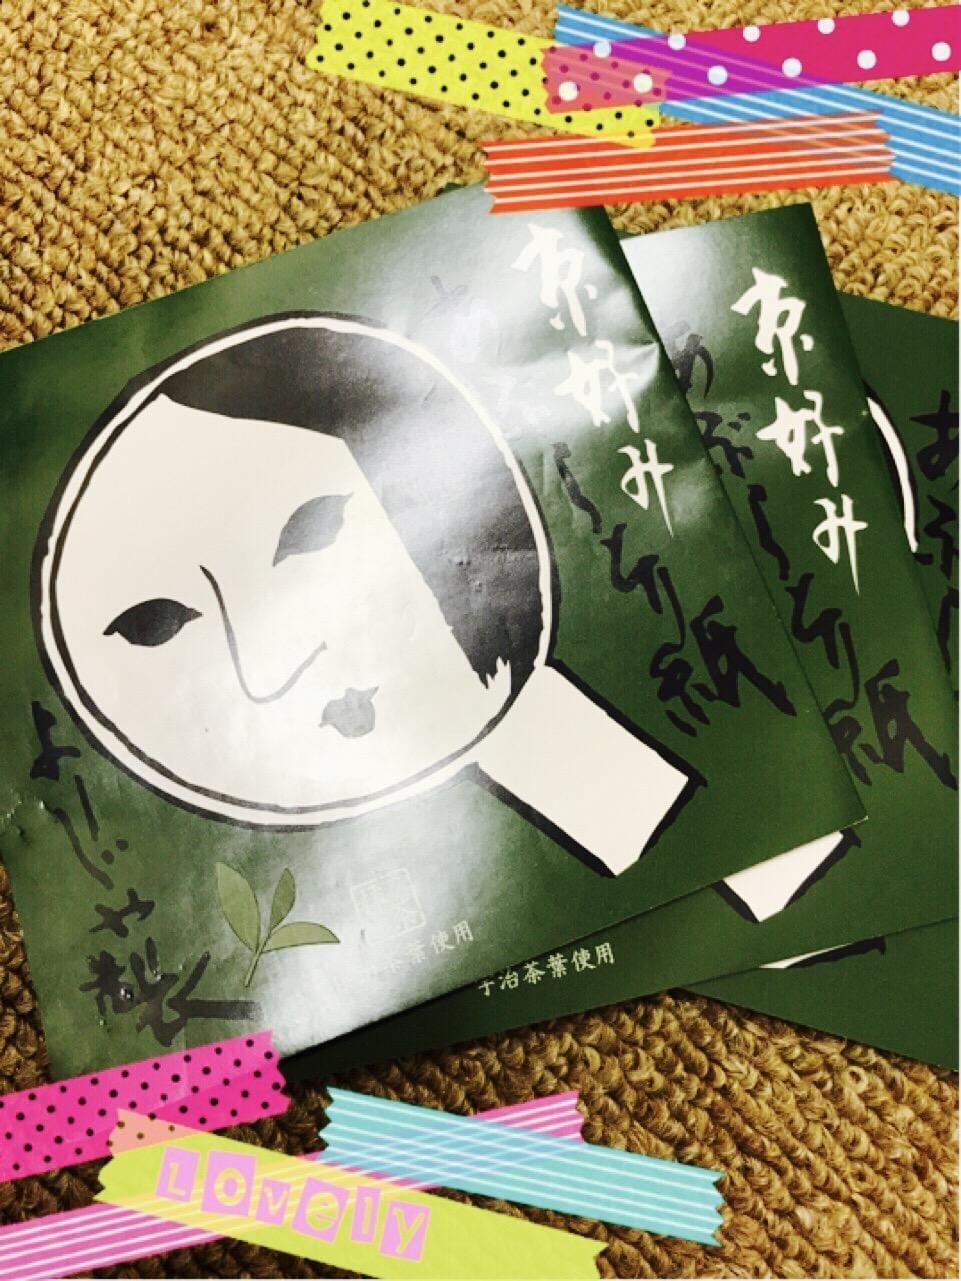 「よーじやといえば( ^ω^ )」12/17(月) 00:20 | 大塚 ゆみこの写メ・風俗動画